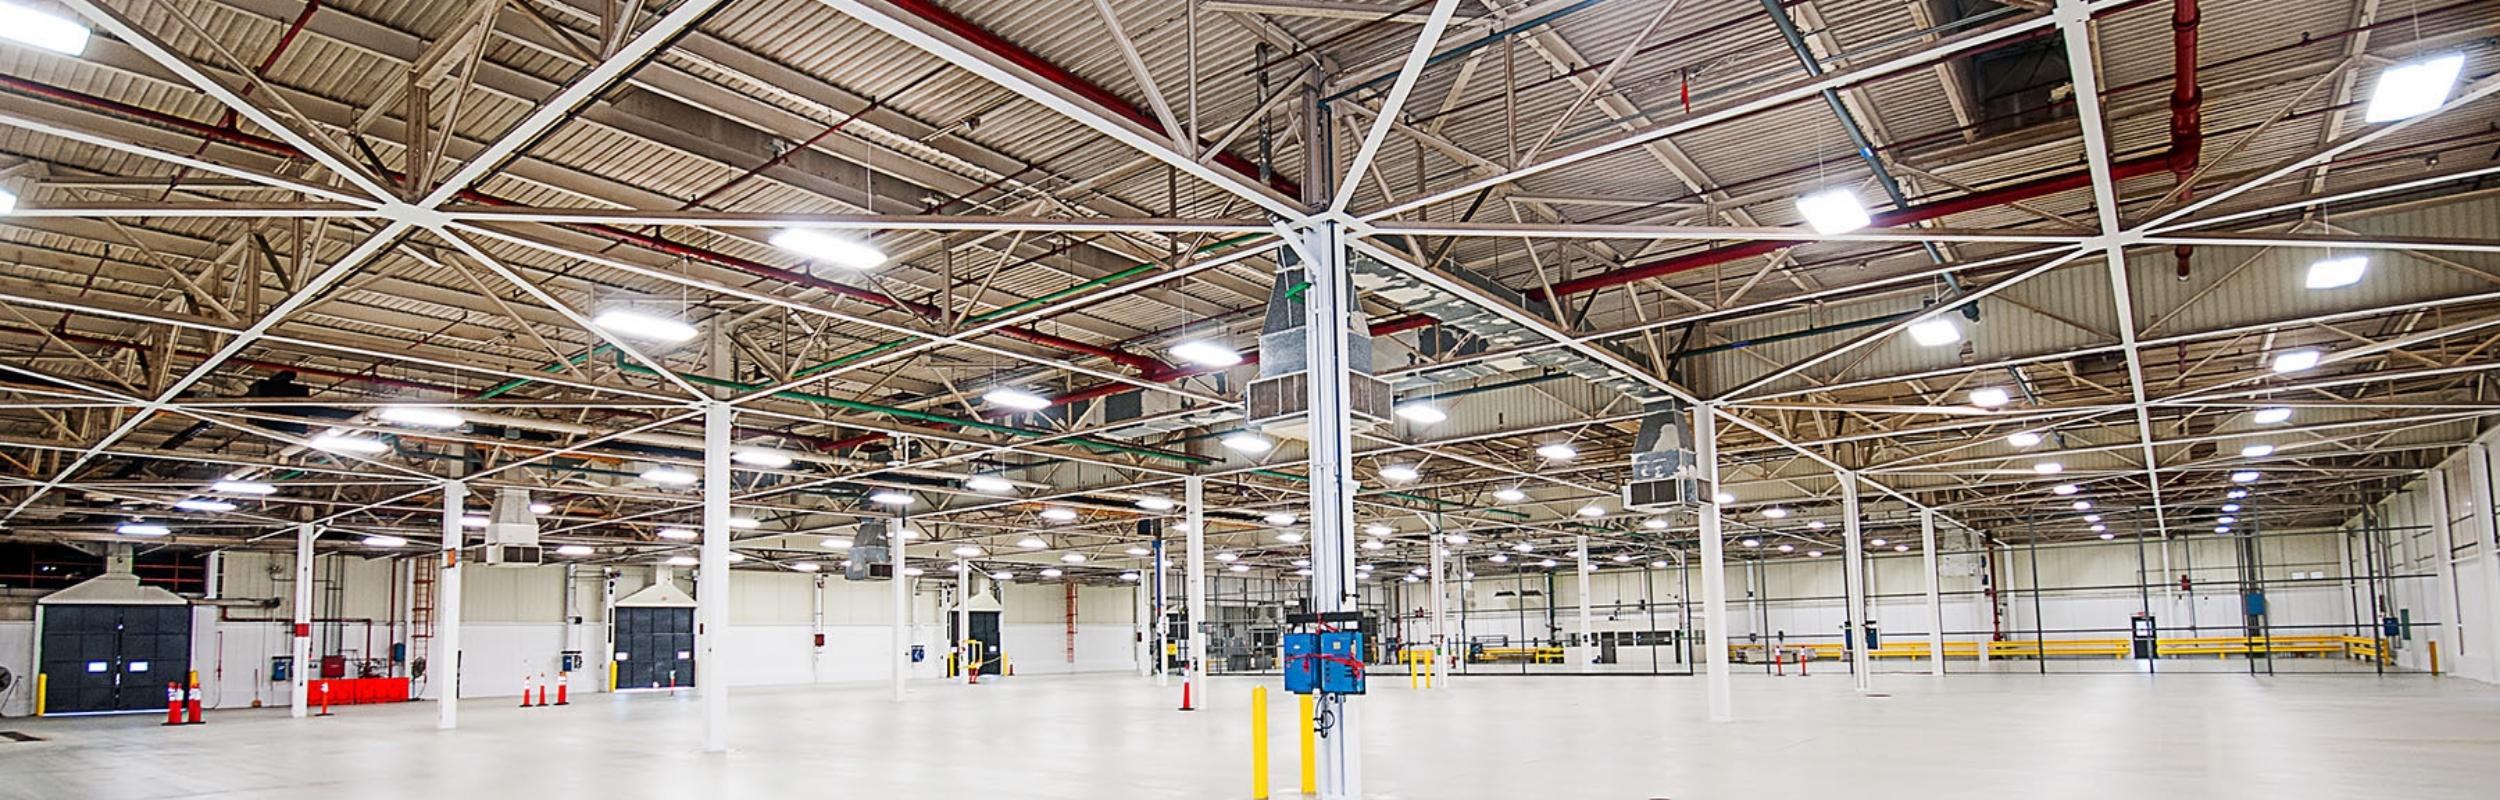 T 8 in warehosue 209_1fiskerwilmington_110928_053.jpg